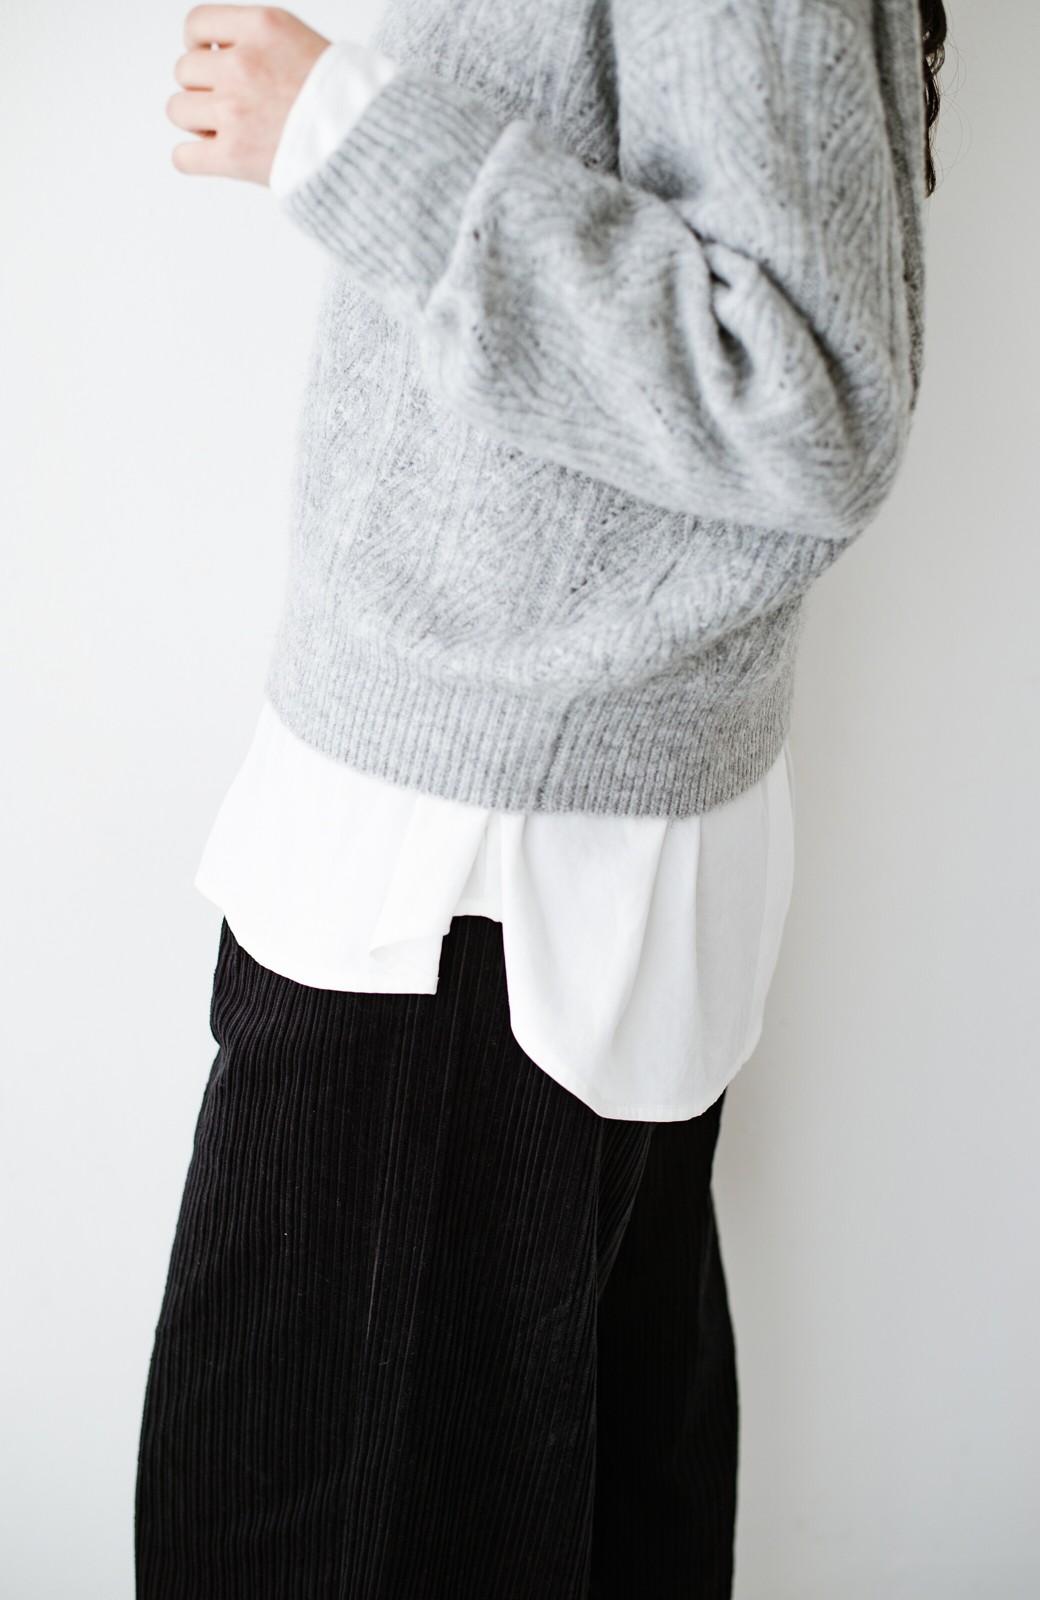 haco! ニットとのこなれた重ね着が簡単にできる!なめらか素材でつくった大人のためのシンプルシャツ <ホワイト>の商品写真6